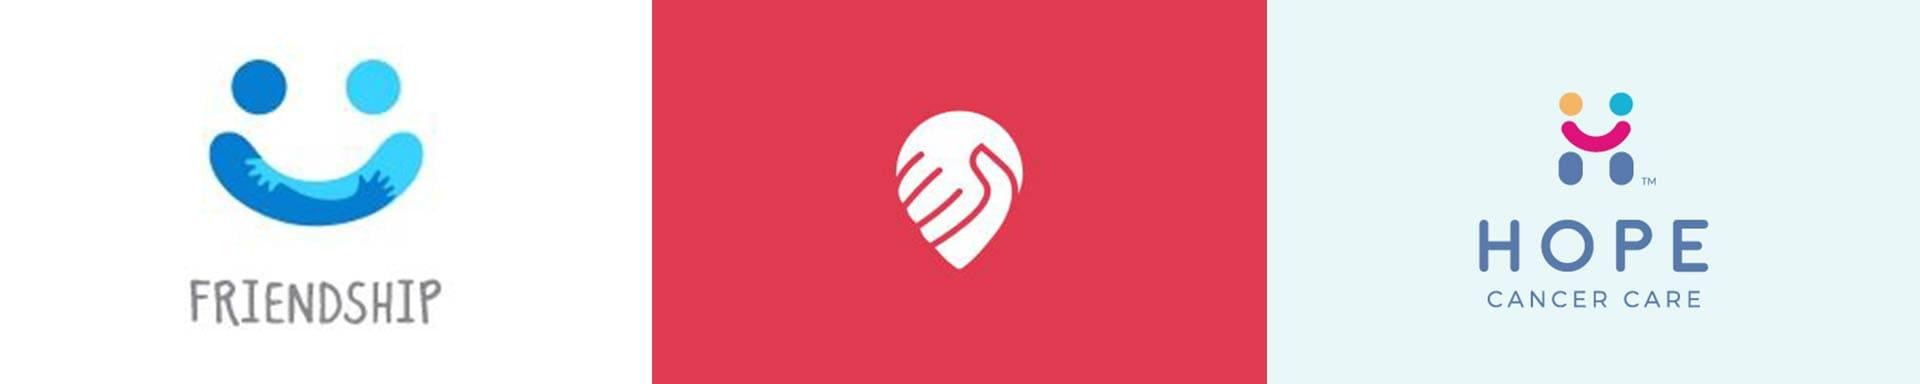 разработка фирменного логотипа с идеей